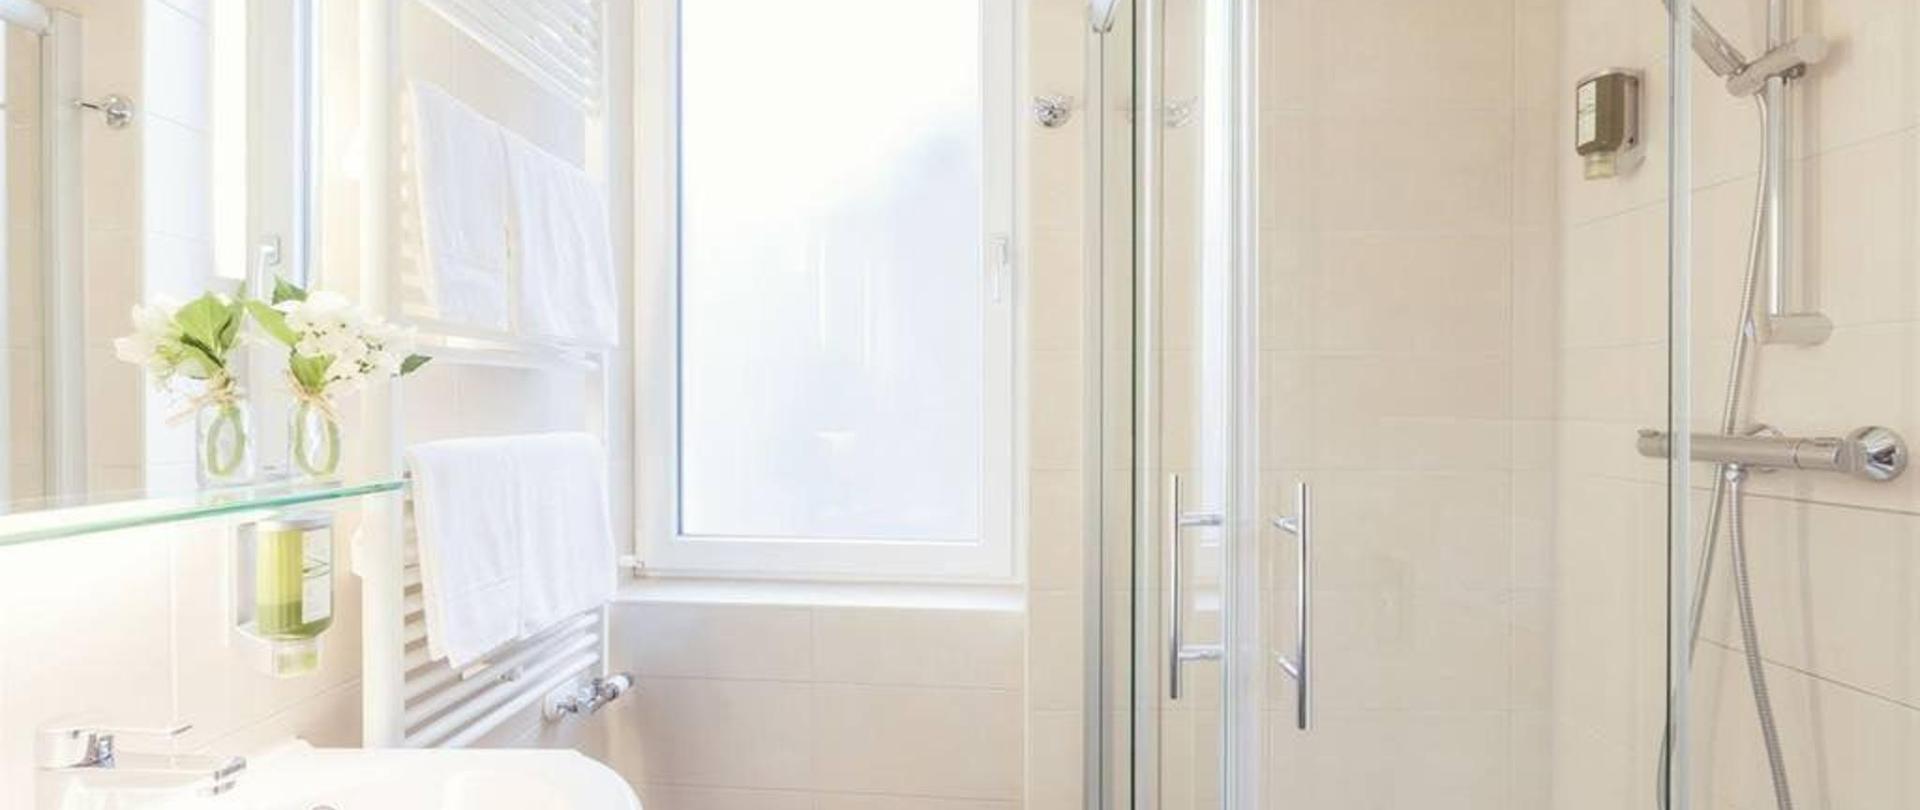 petit_hotel_0064-1.jpg